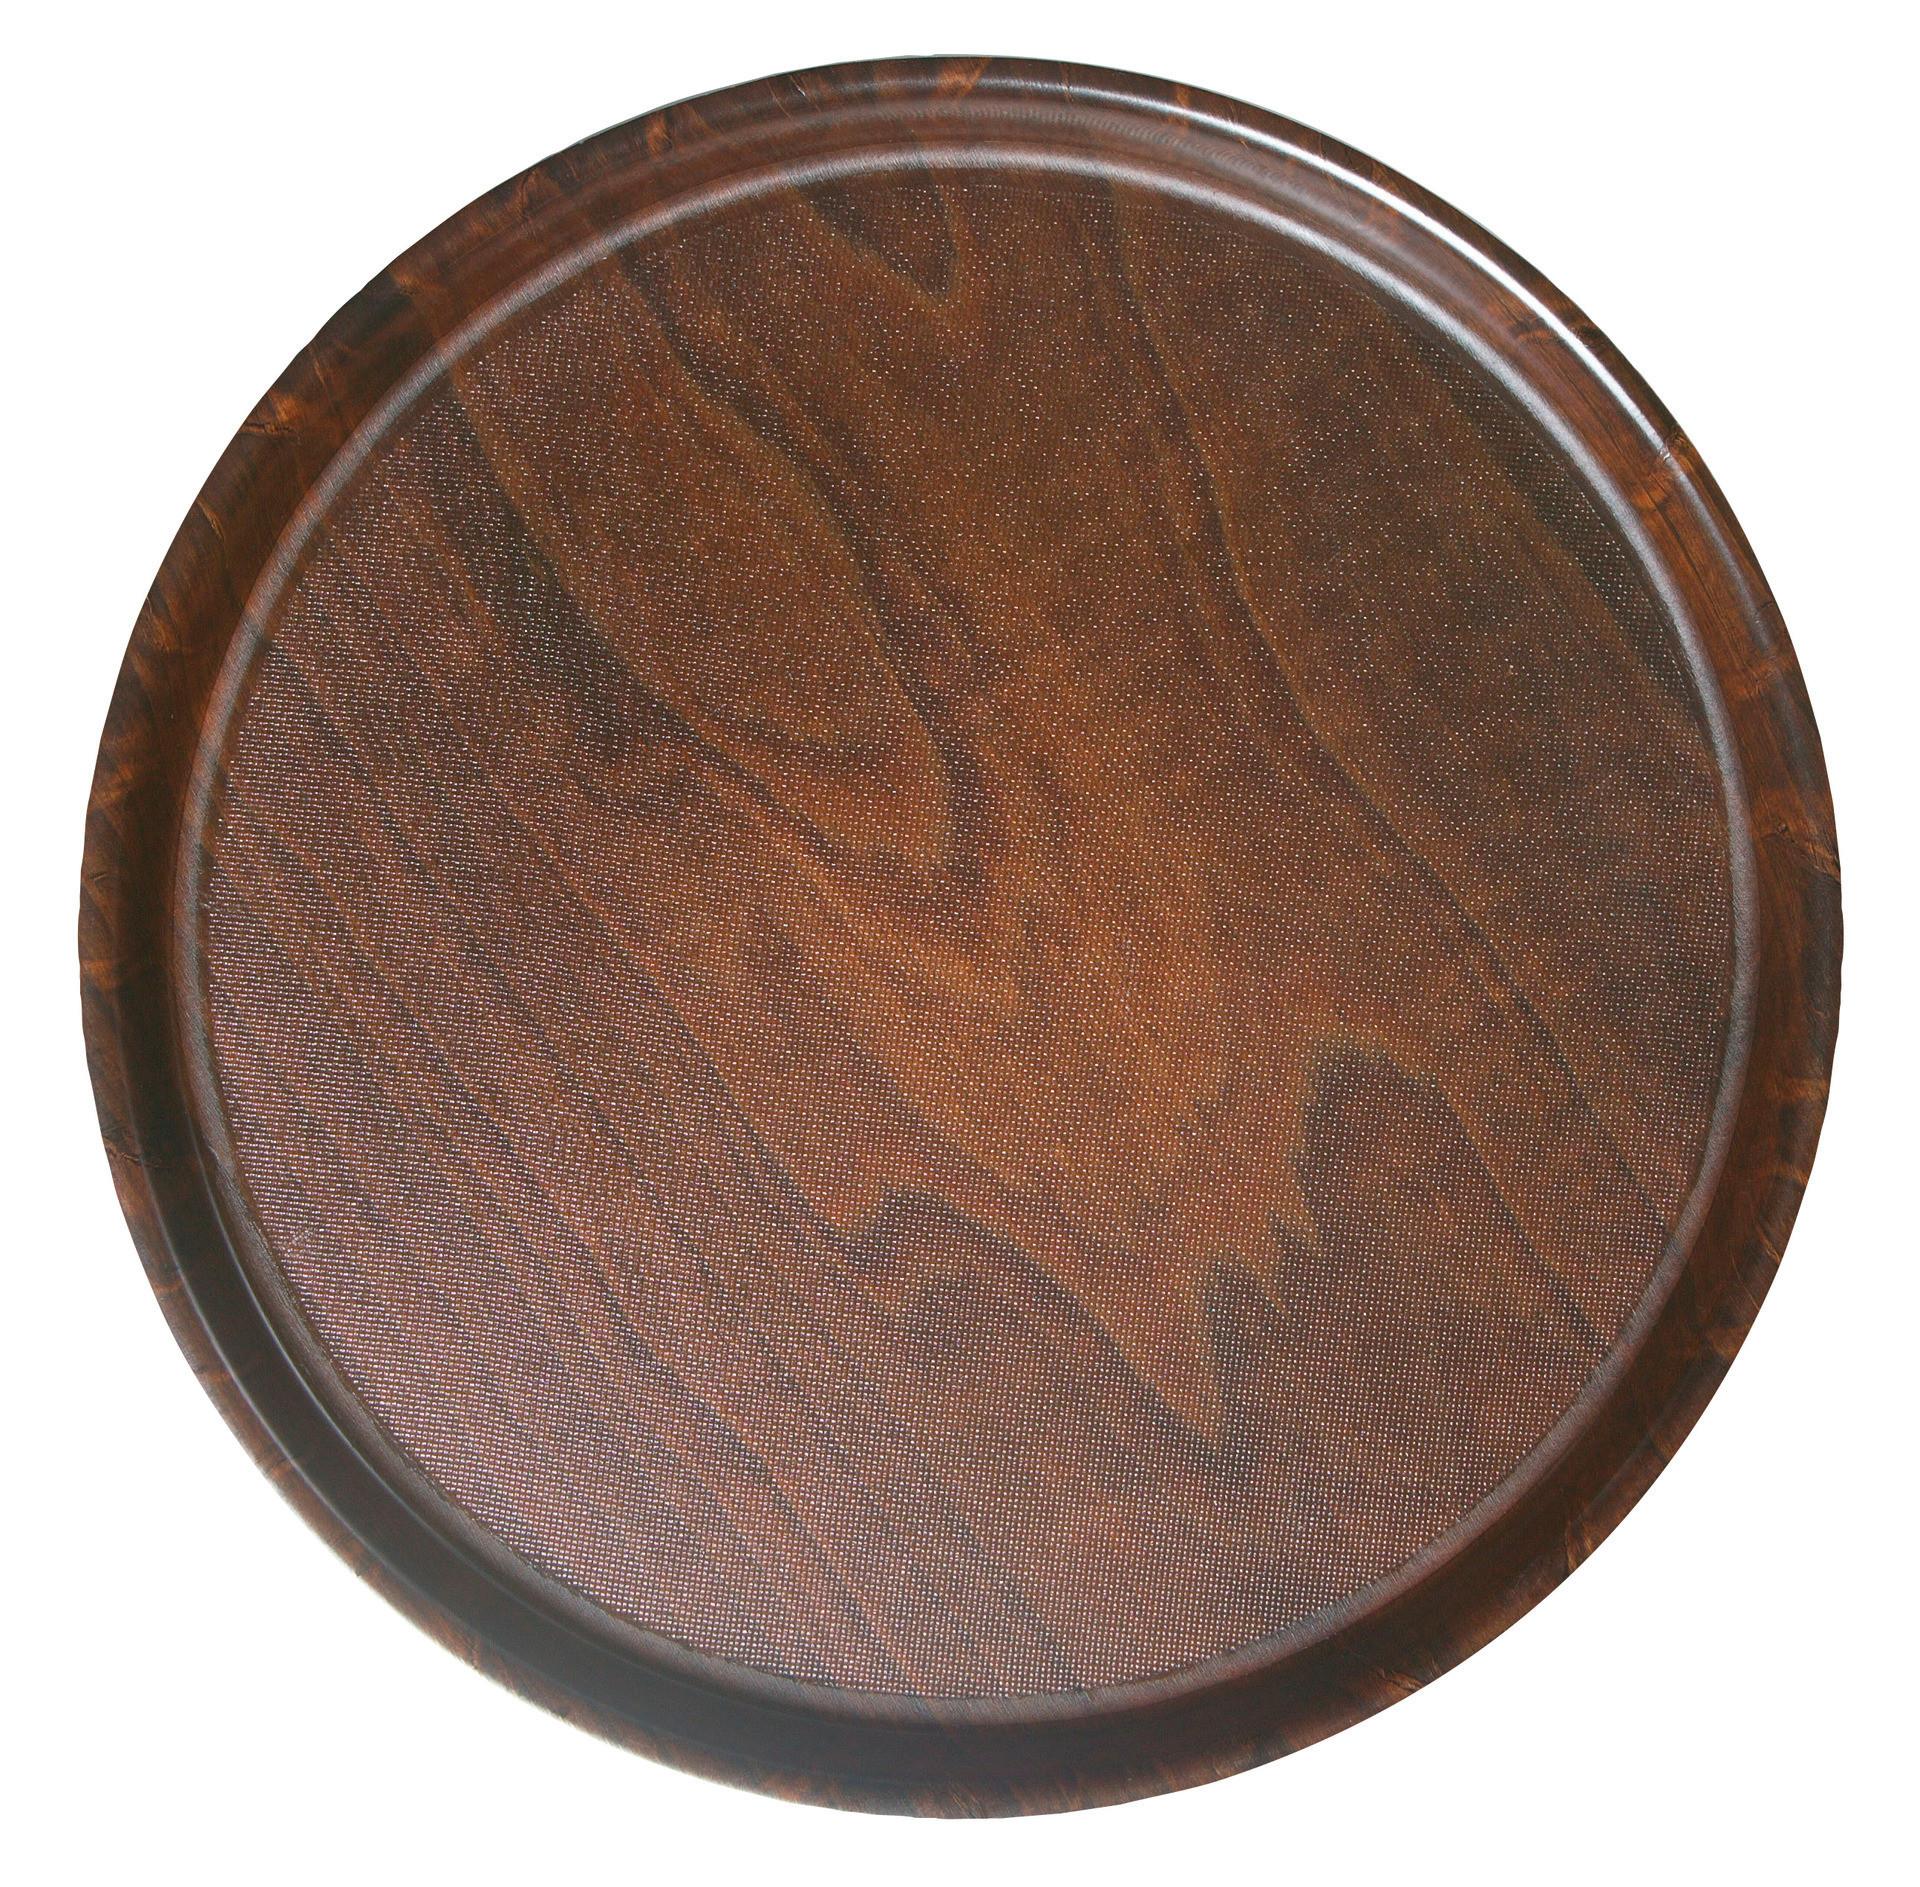 Tablett Pressholz rund 320 mm